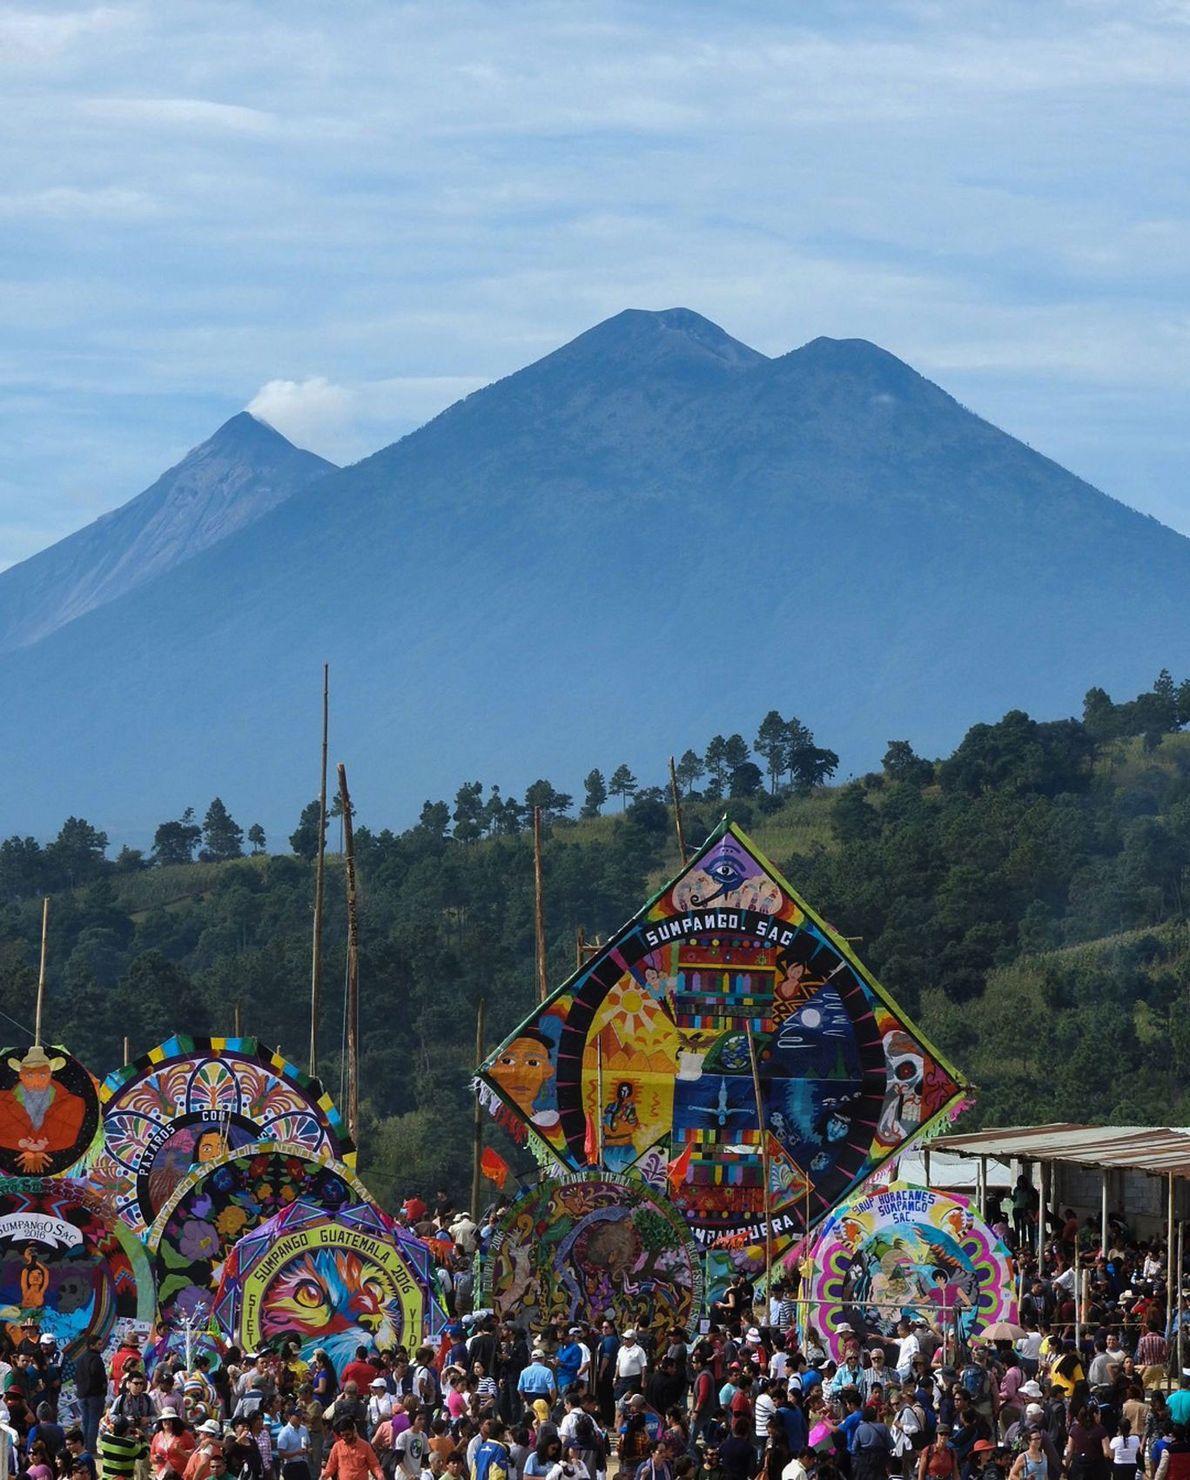 Le festival de cerf-volant Barriletes Gigantes se déroule à Sumpango non loin du Volcán de Fuego, ...